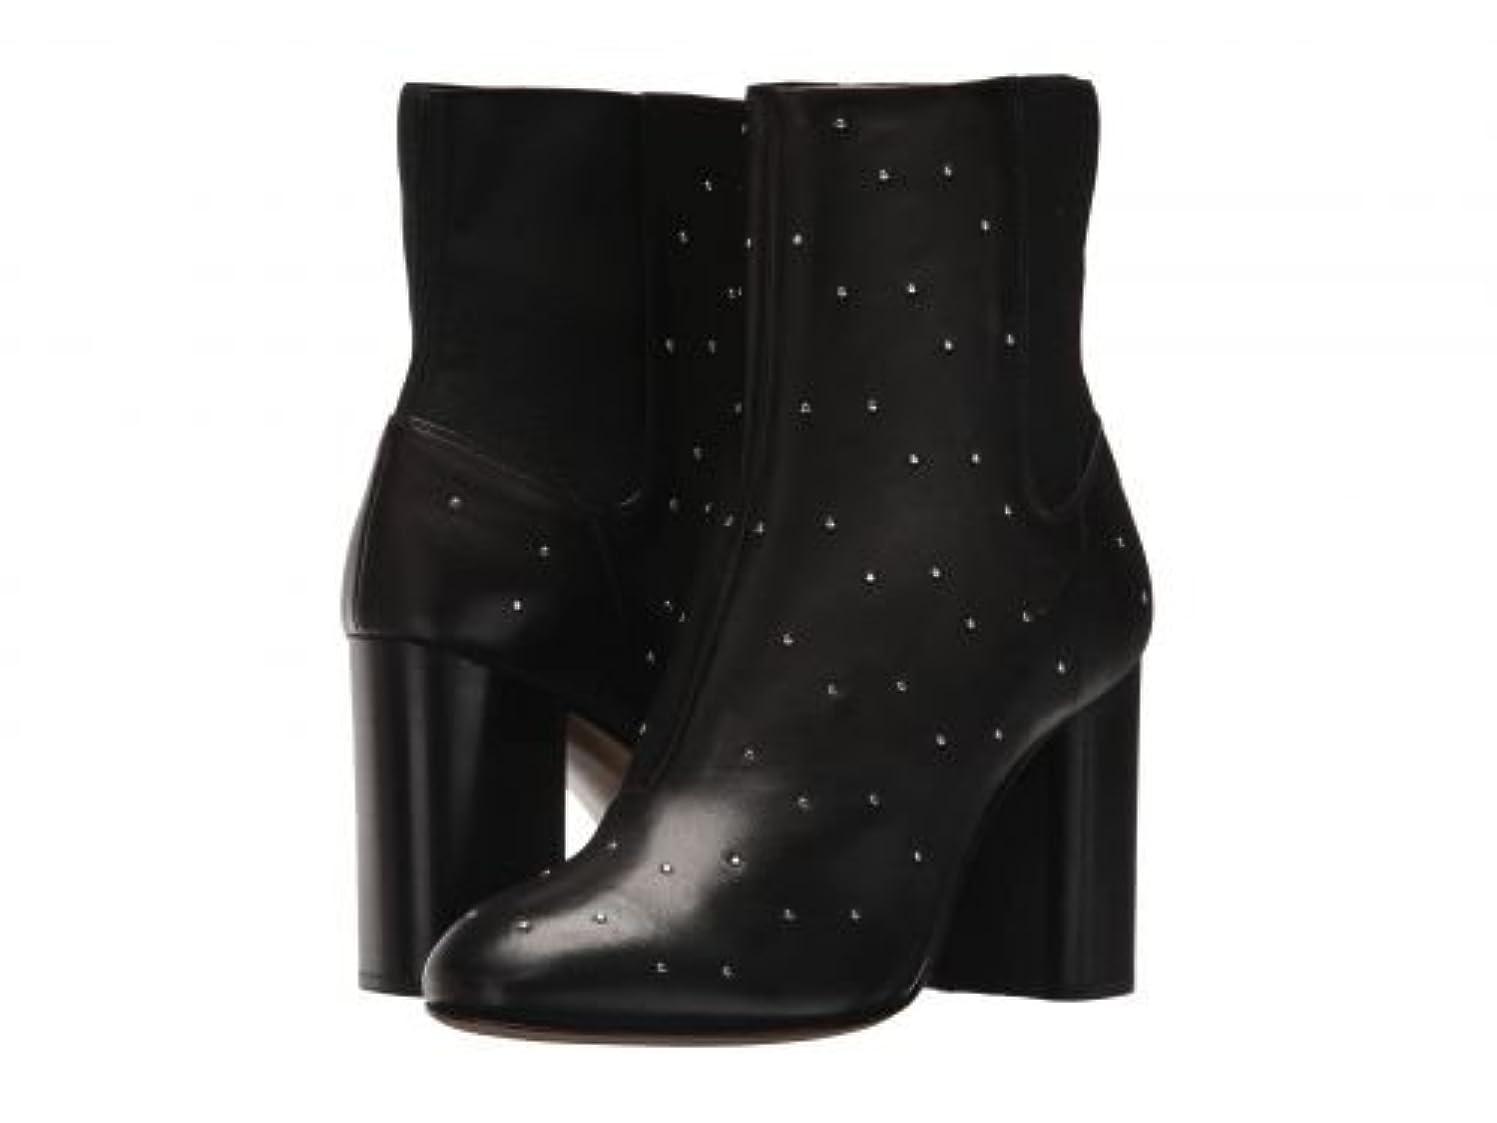 ホールバーチャル揃えるrag & bone(ラグアンドボーン) レディース 女性用 シューズ 靴 ブーツ アンクルブーツ ショート Agnes Boot - Black Studded [並行輸入品]